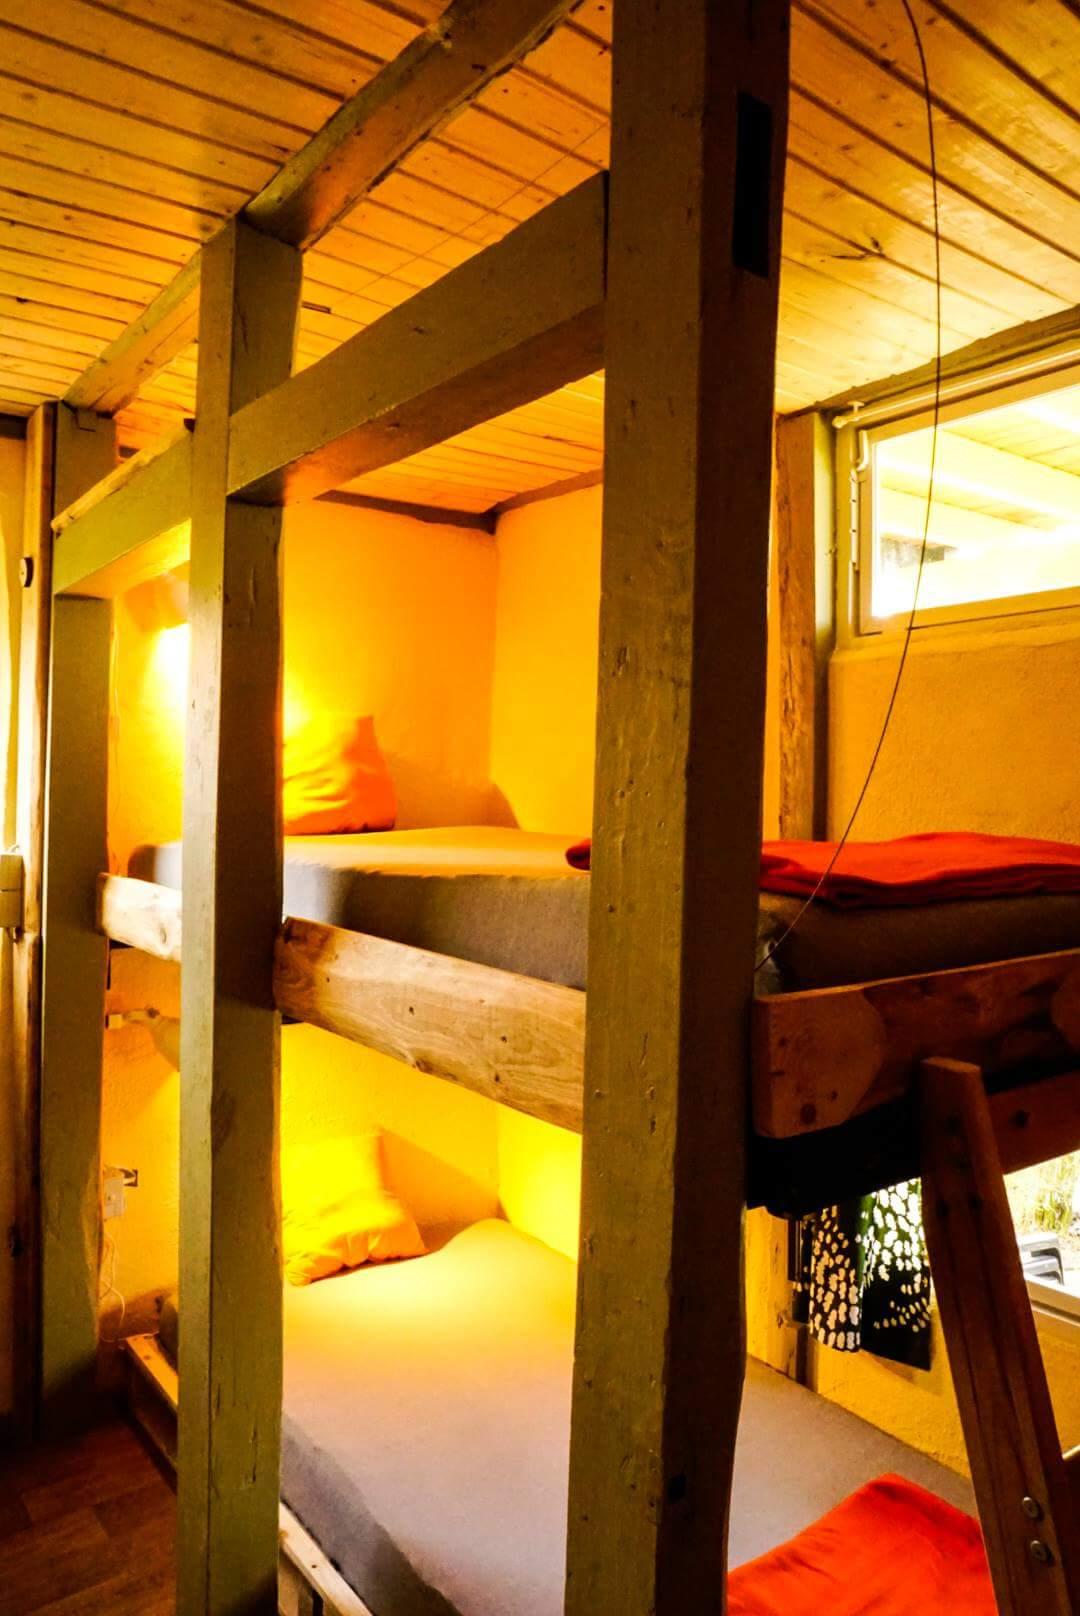 Jedes Bett mit eigenem Fenster